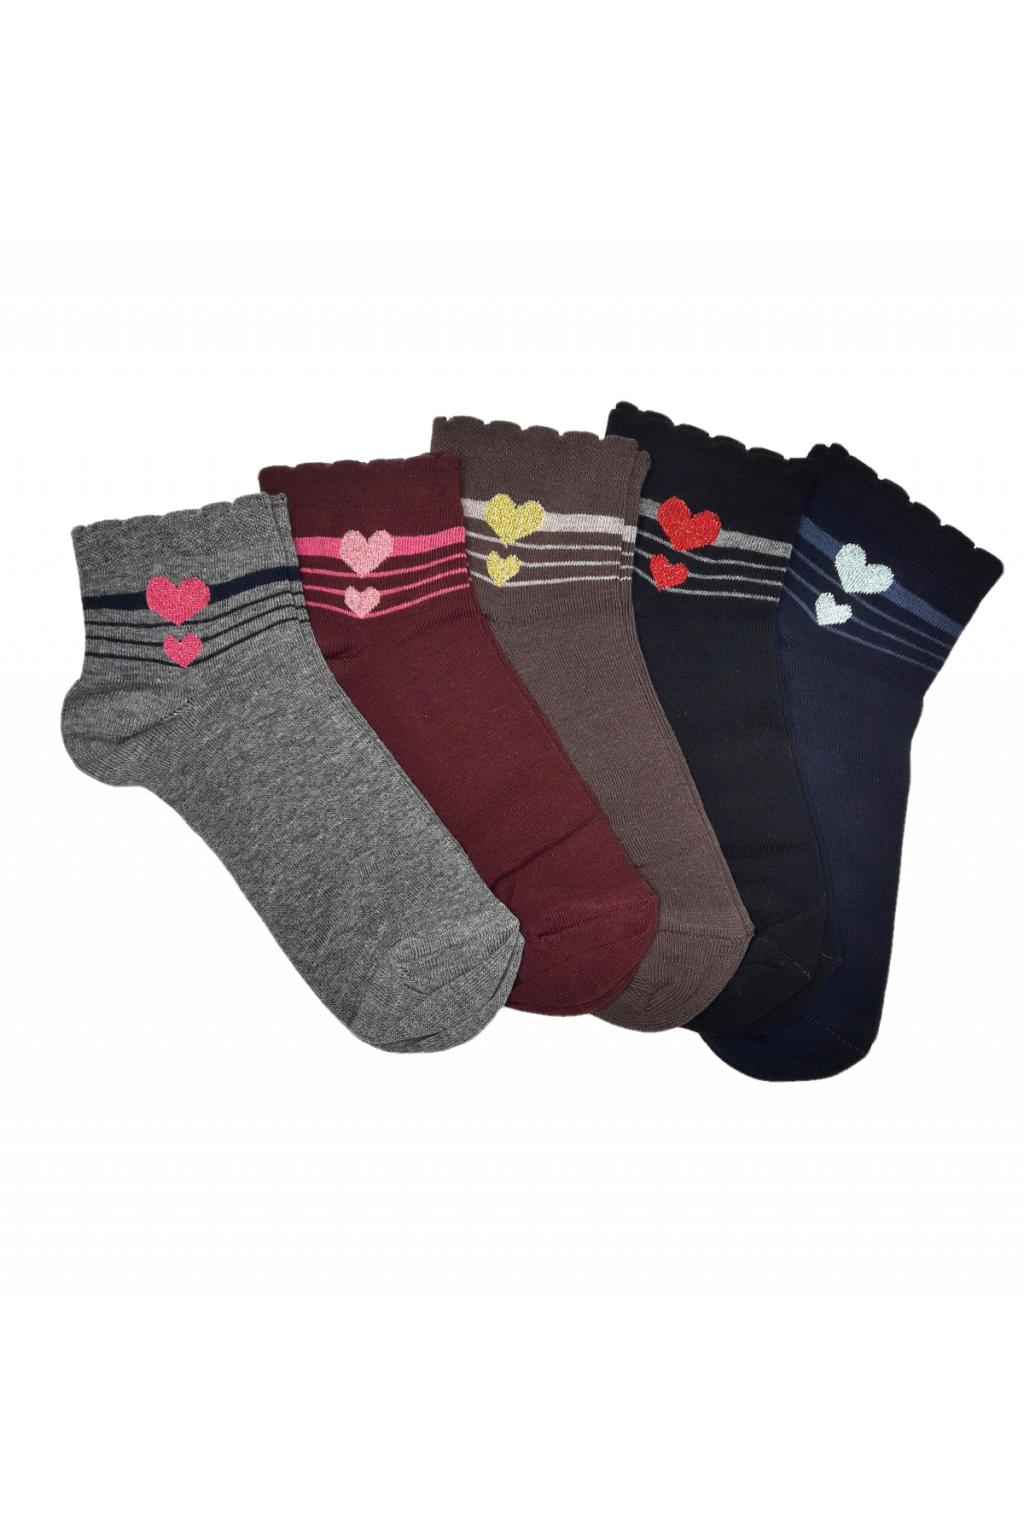 kotnikove ponozky